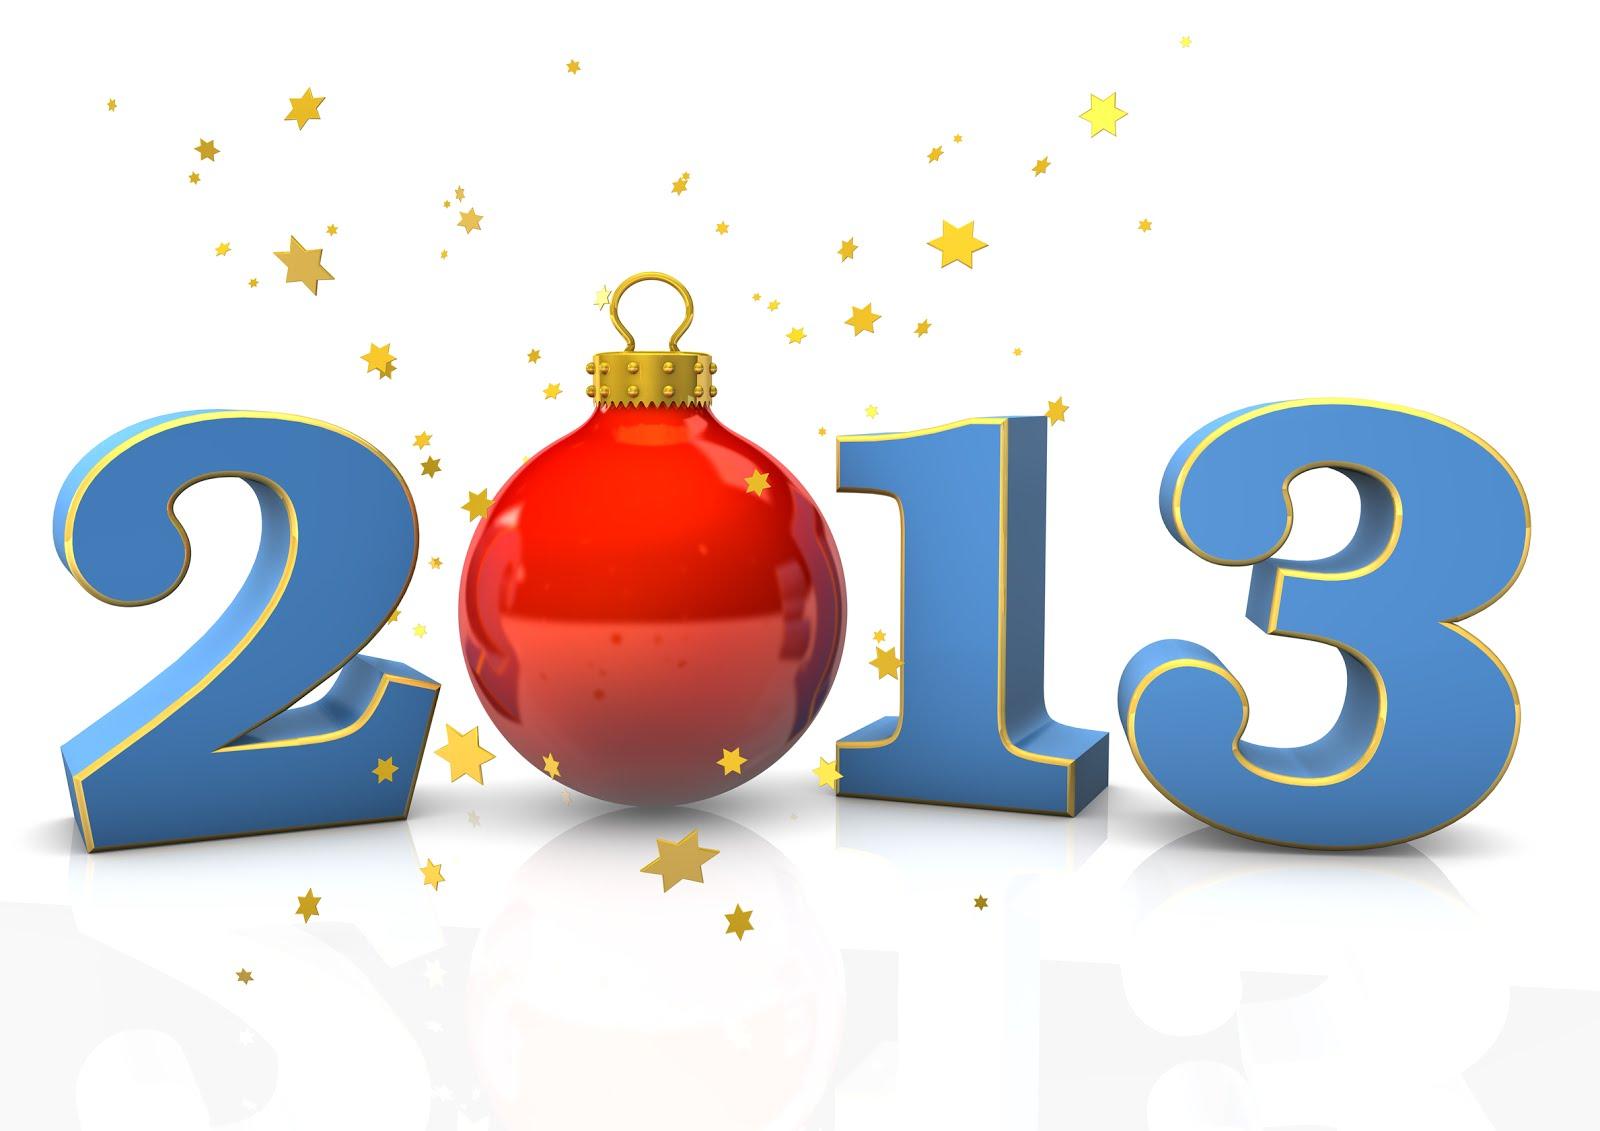 2013! Feliz-a%C3%B1o-nuevo-2013-postales-para-compartir-en-navidad